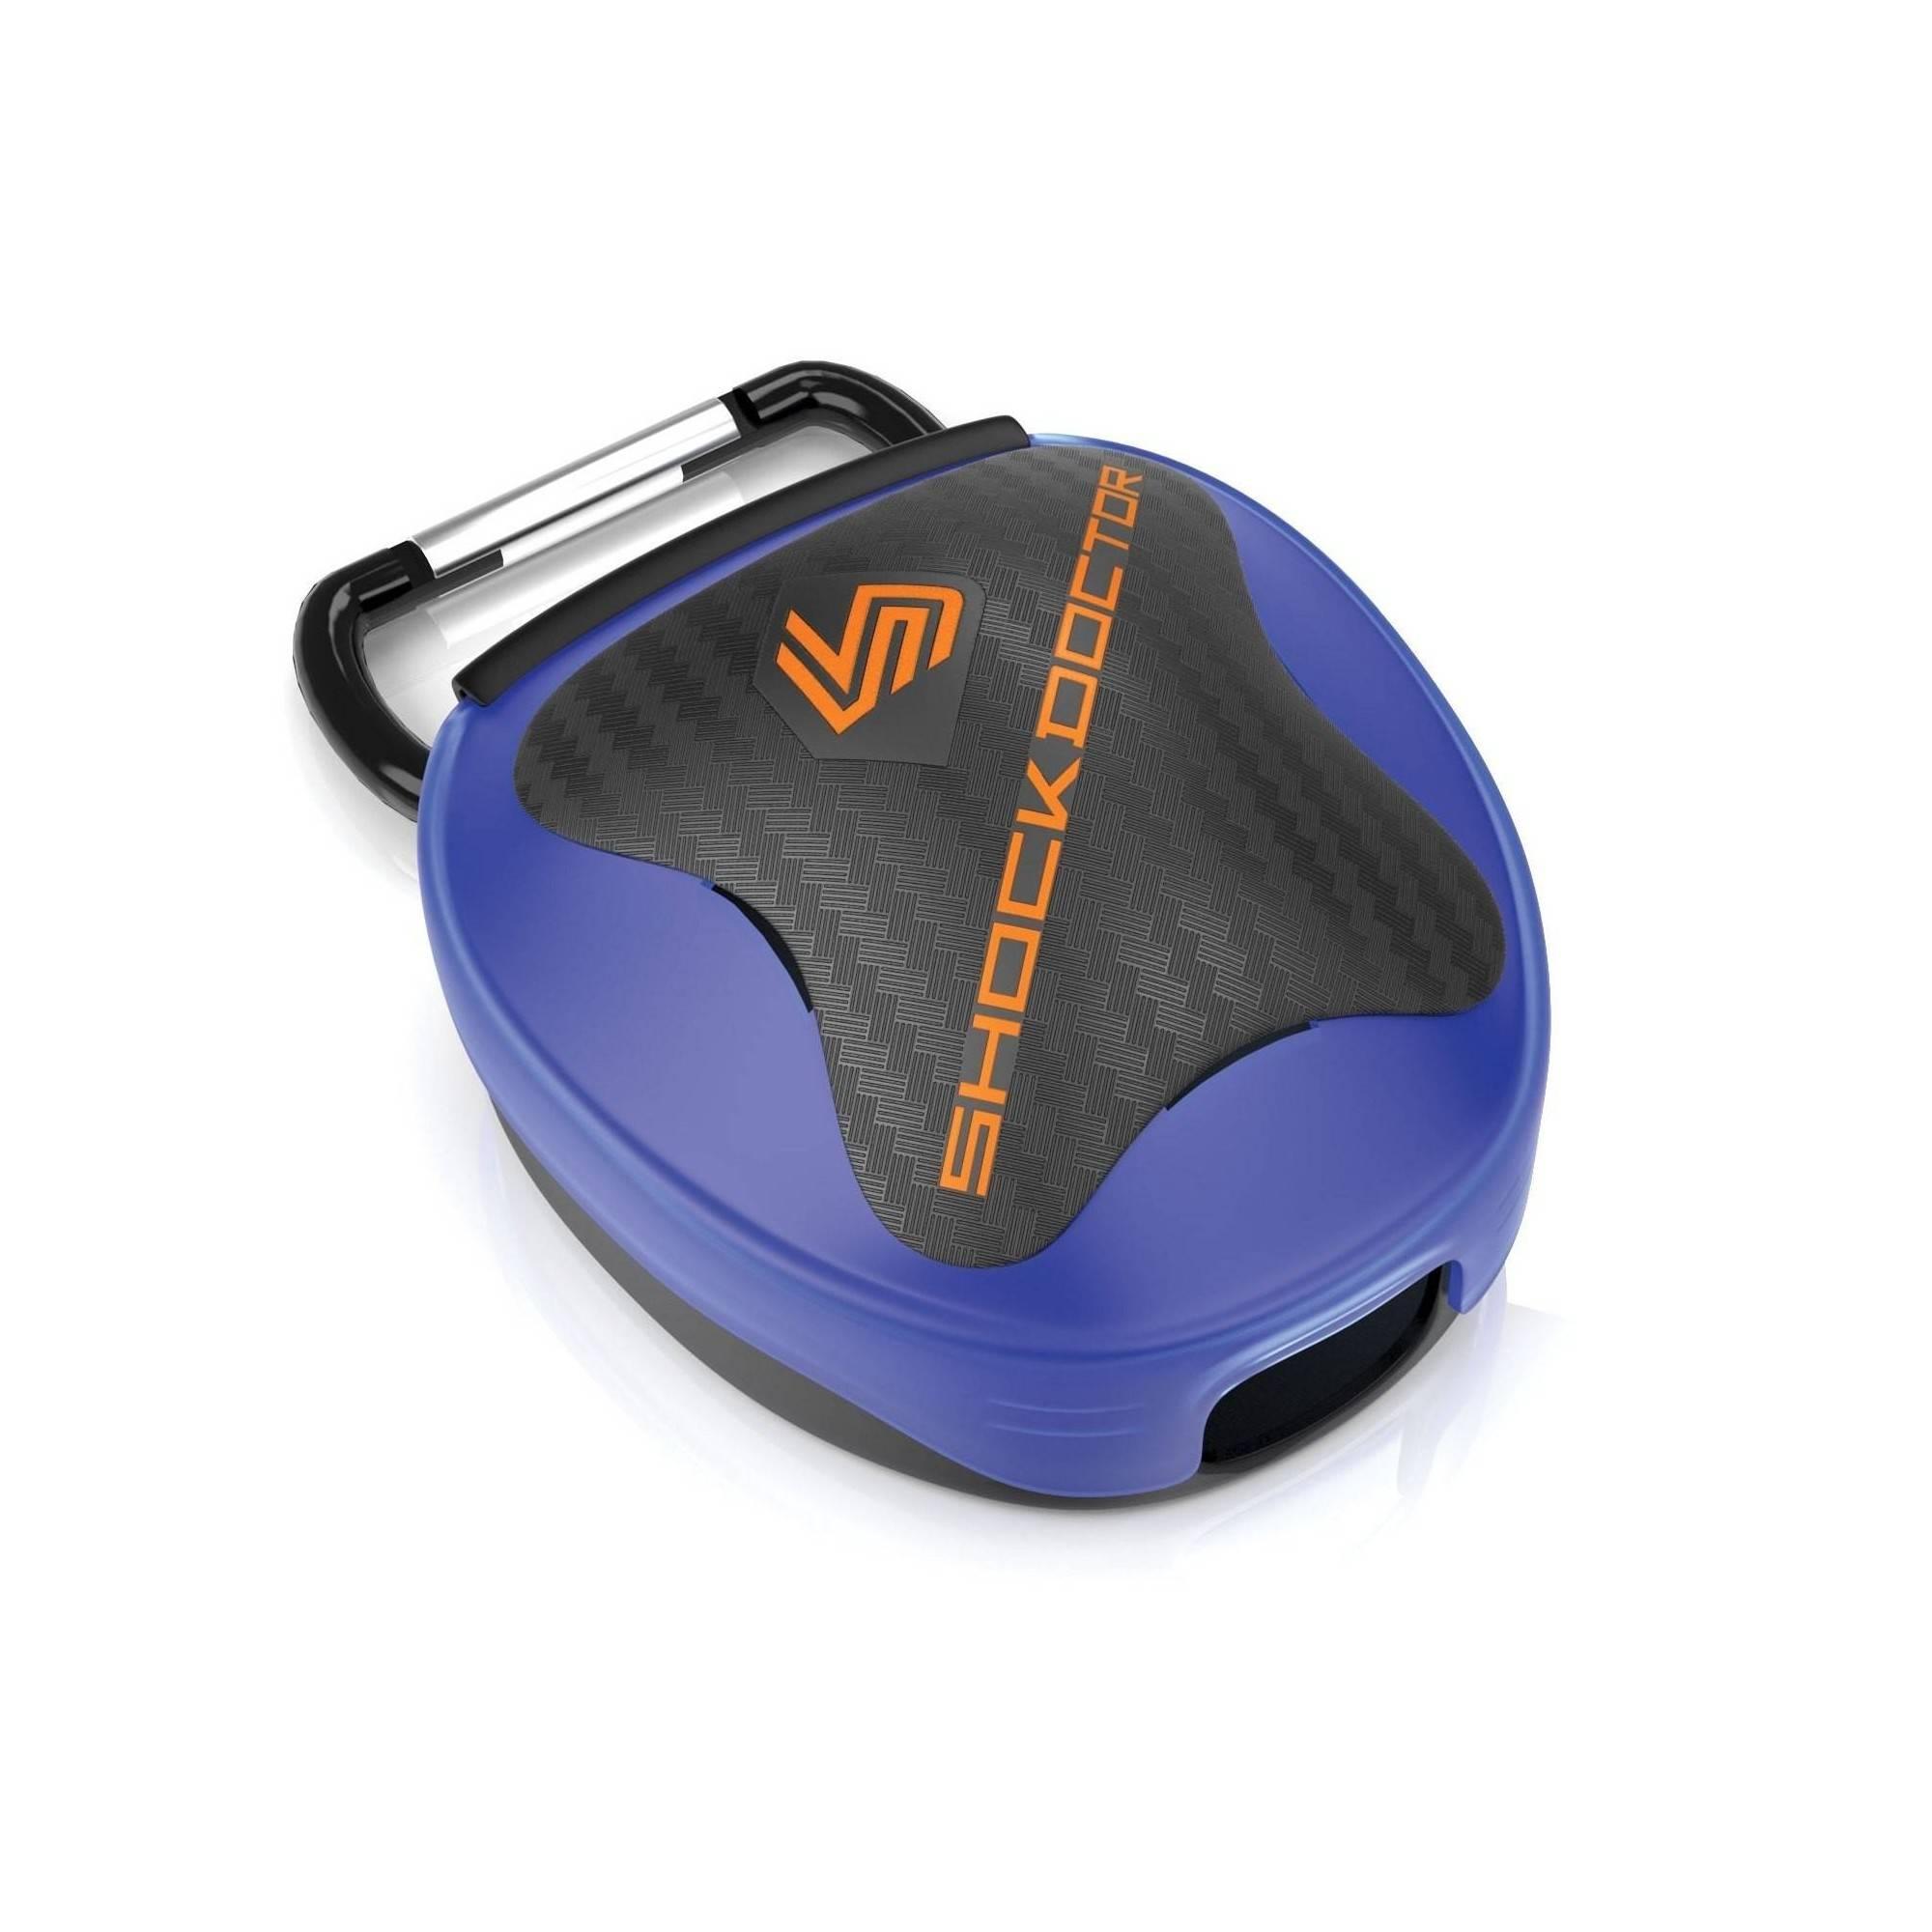 Pudełko na ochraniacz szczęki Shock Doctor   niebieskie,producent: Shock Doctor, zdjecie photo: 1   online shop klubfitness.pl  